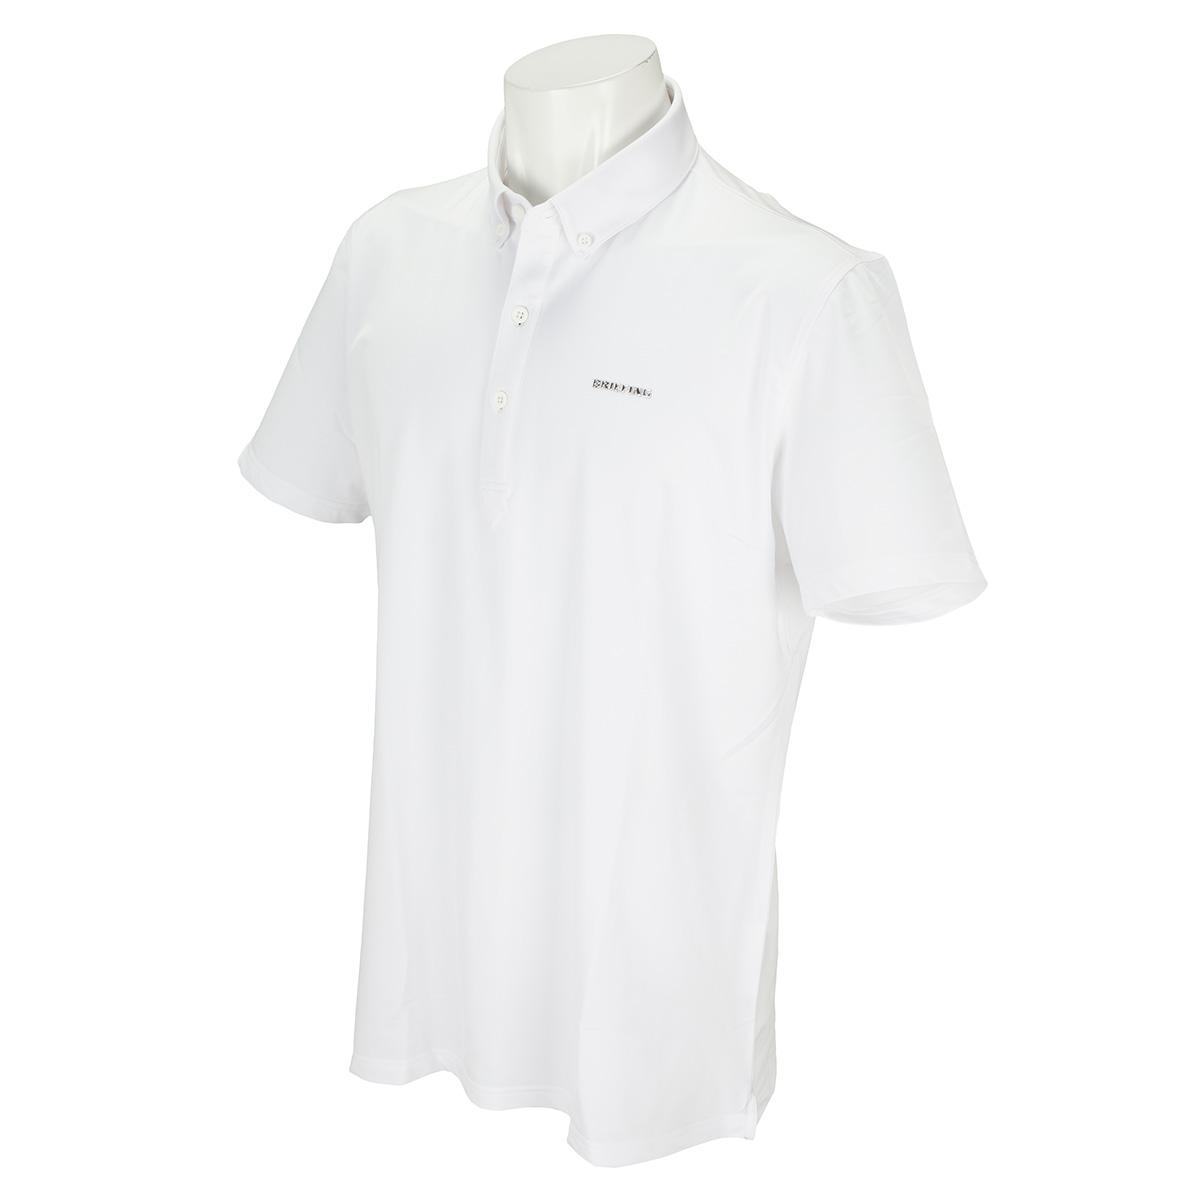 ACTIVE ボタンダウン半袖ポロシャツ